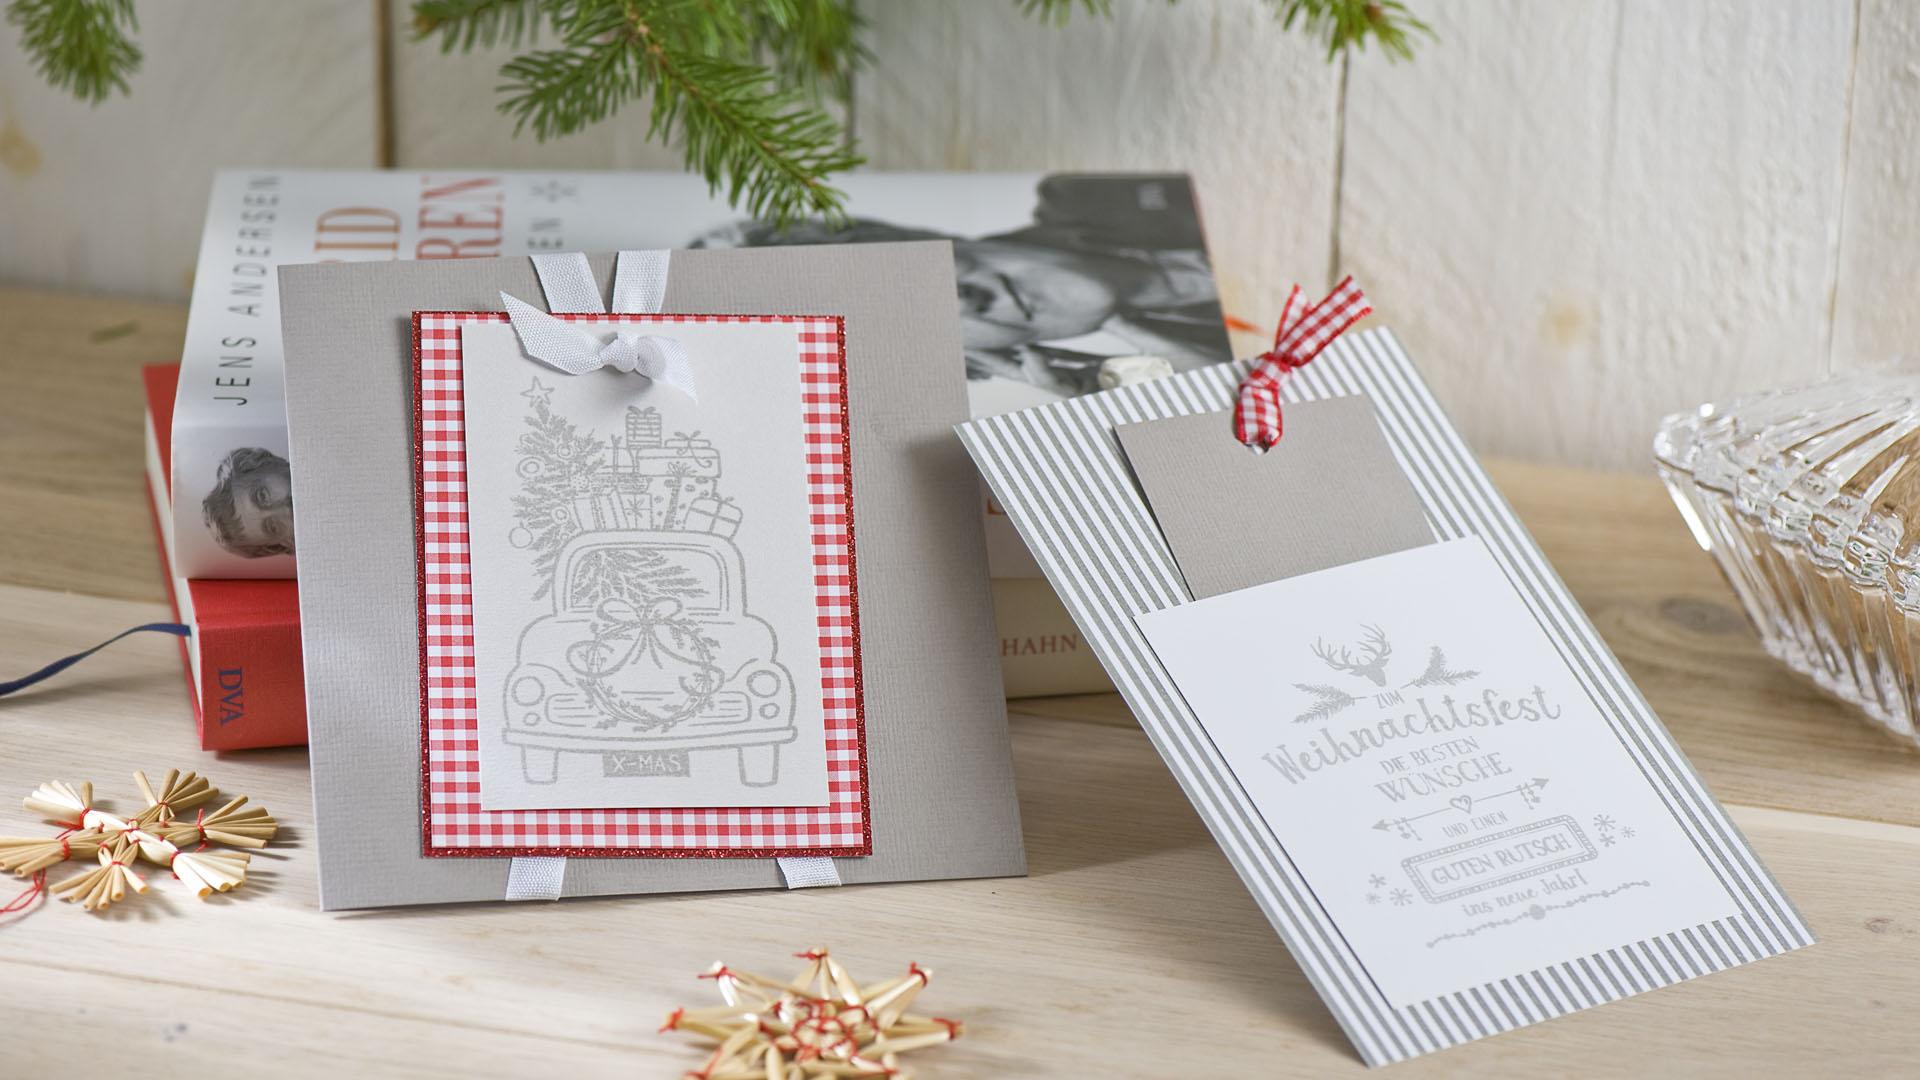 Ideen für die Weihnachtspost: Ganz schön hygge